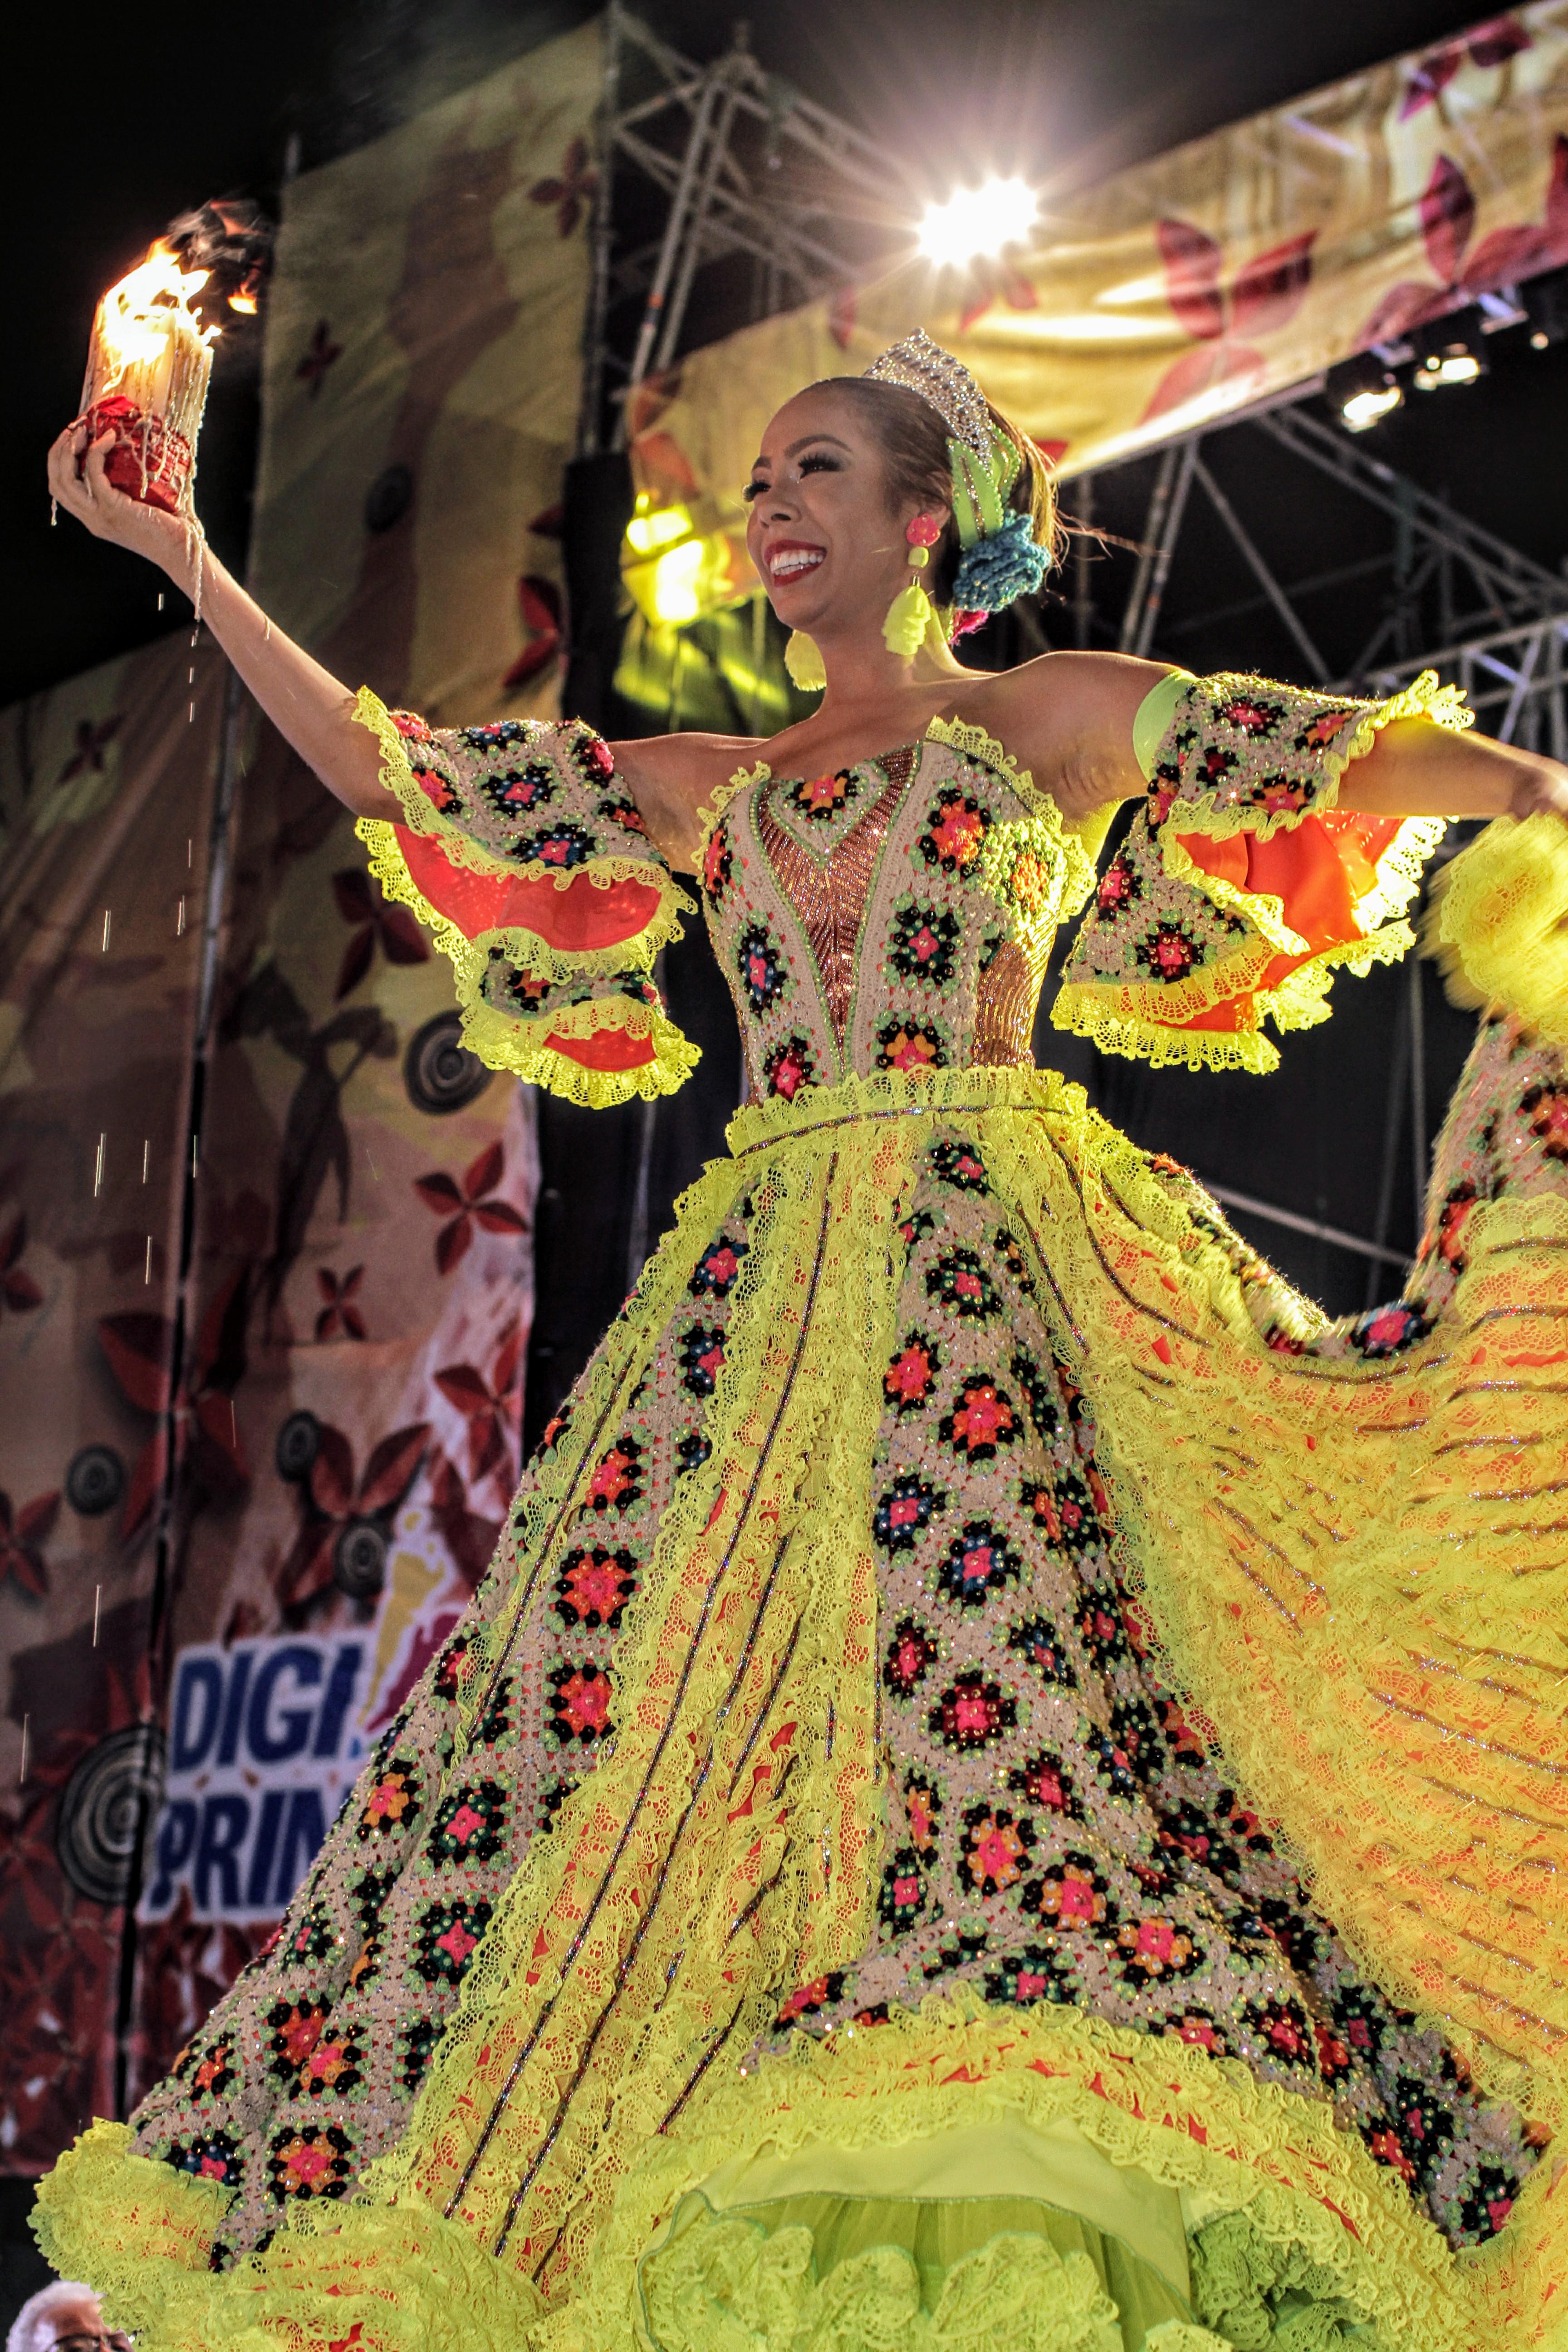 Maria Alejandra Borrás en el Reinado del Millo y Sirenato de la Cumbia